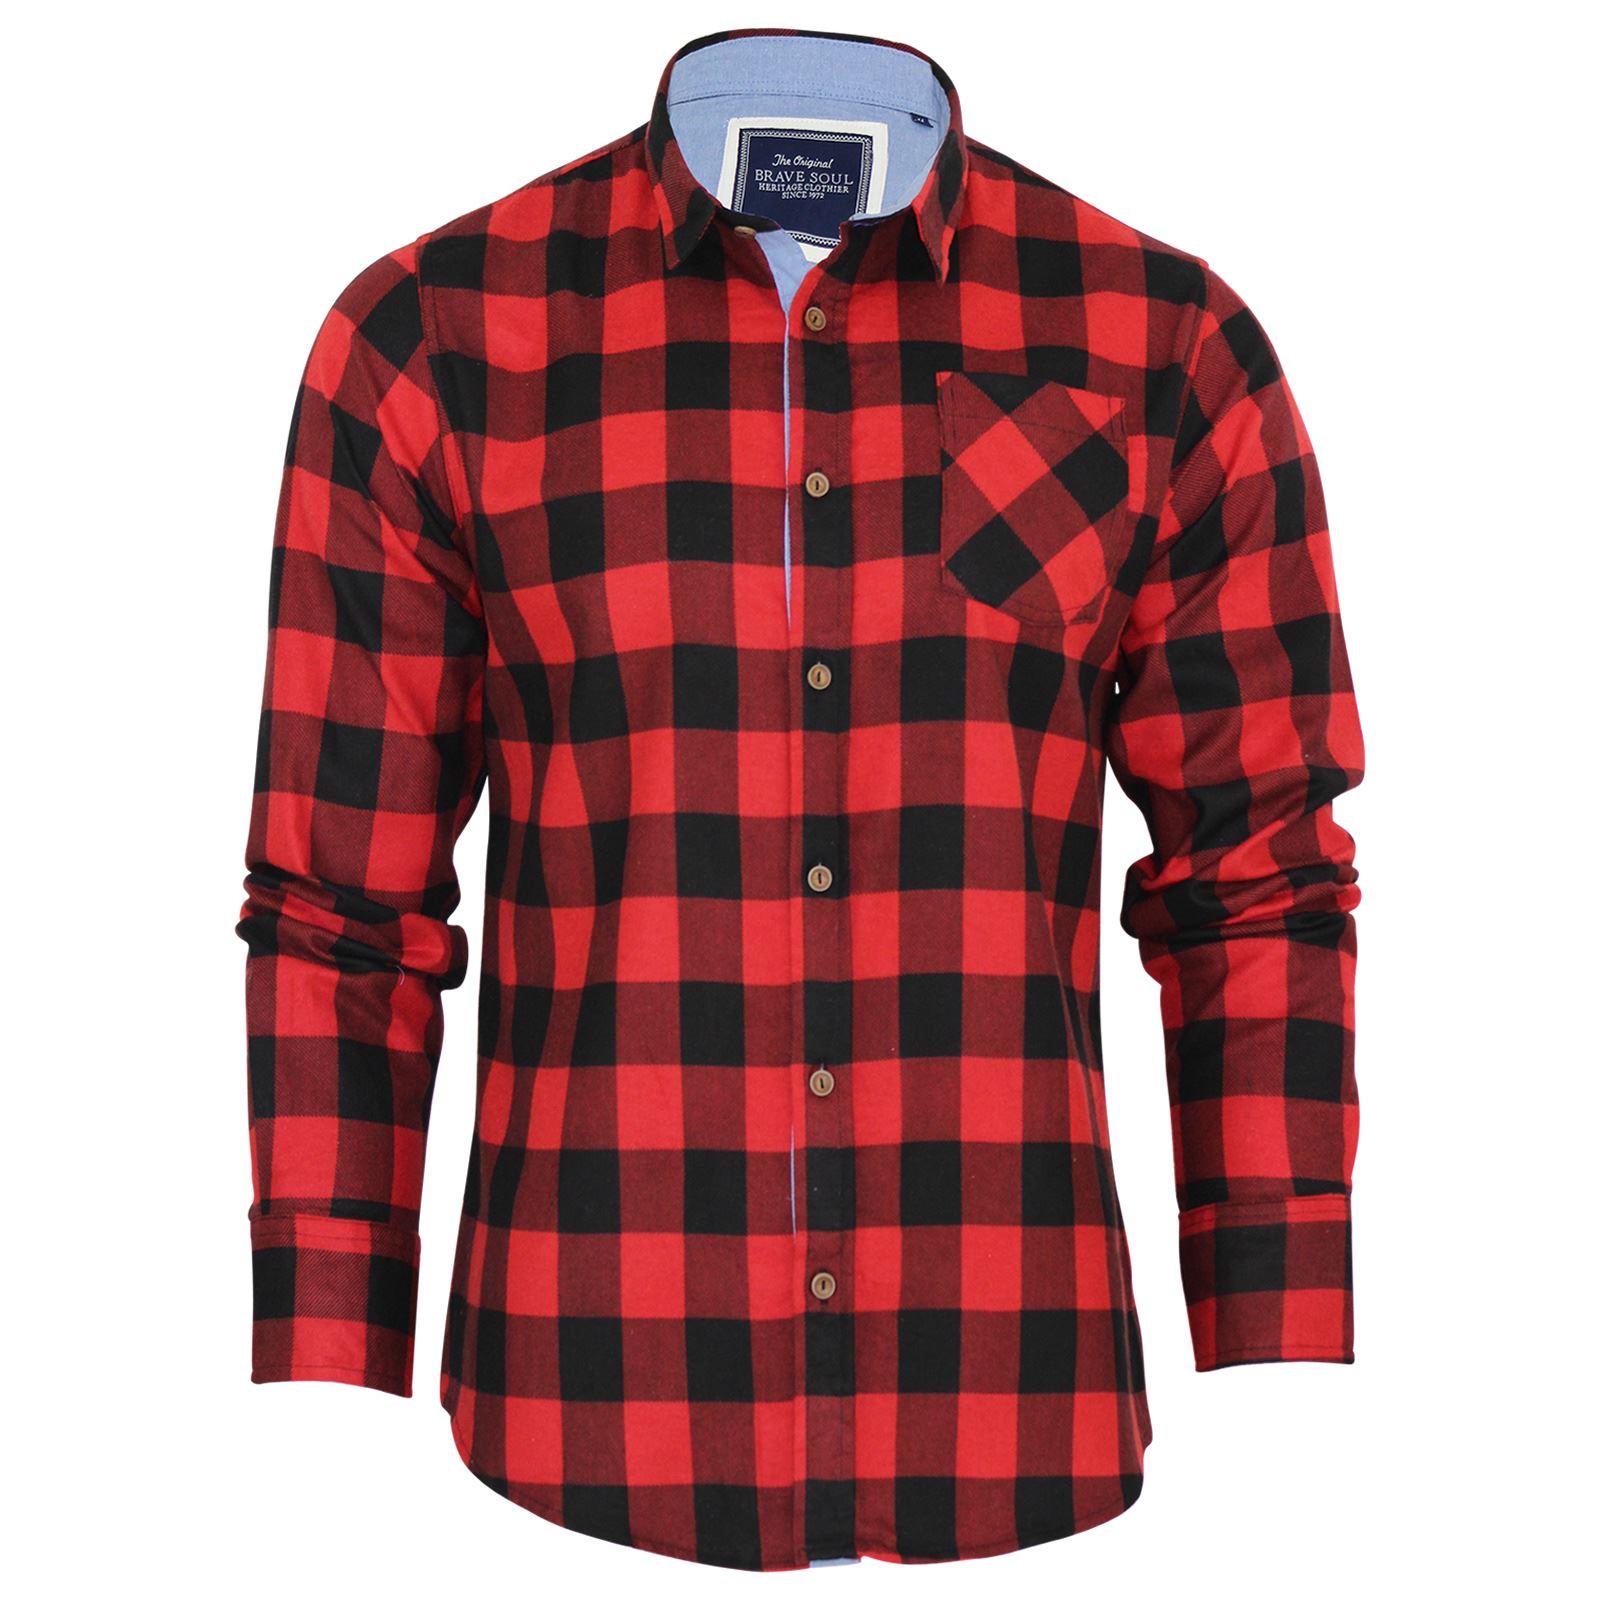 Alma-VALIENTE-HOMBRE-compruebe-Camisa-Algodon-Cepillado-De-Franela-Top-Manga-Larga-Casual miniatura 43